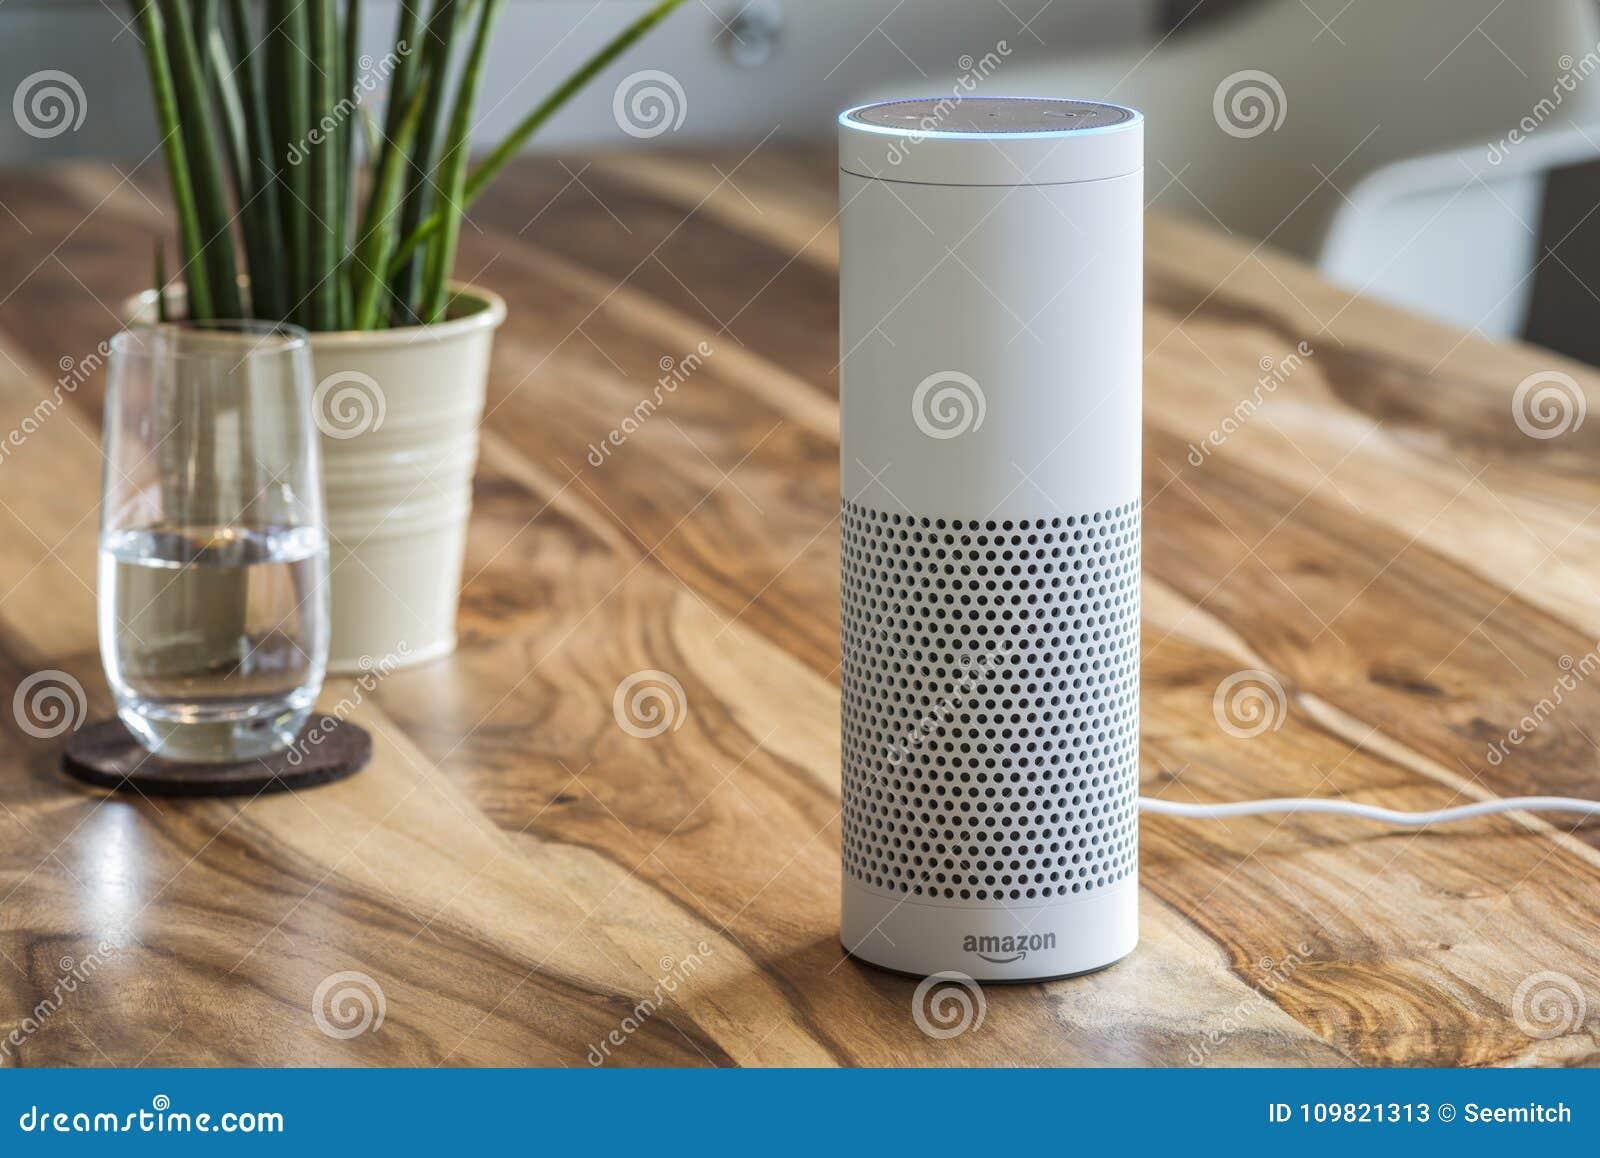 Ηχώ του Αμαζονίου συν, η ρέοντας συσκευή αναγνώρισης φωνής από το AM